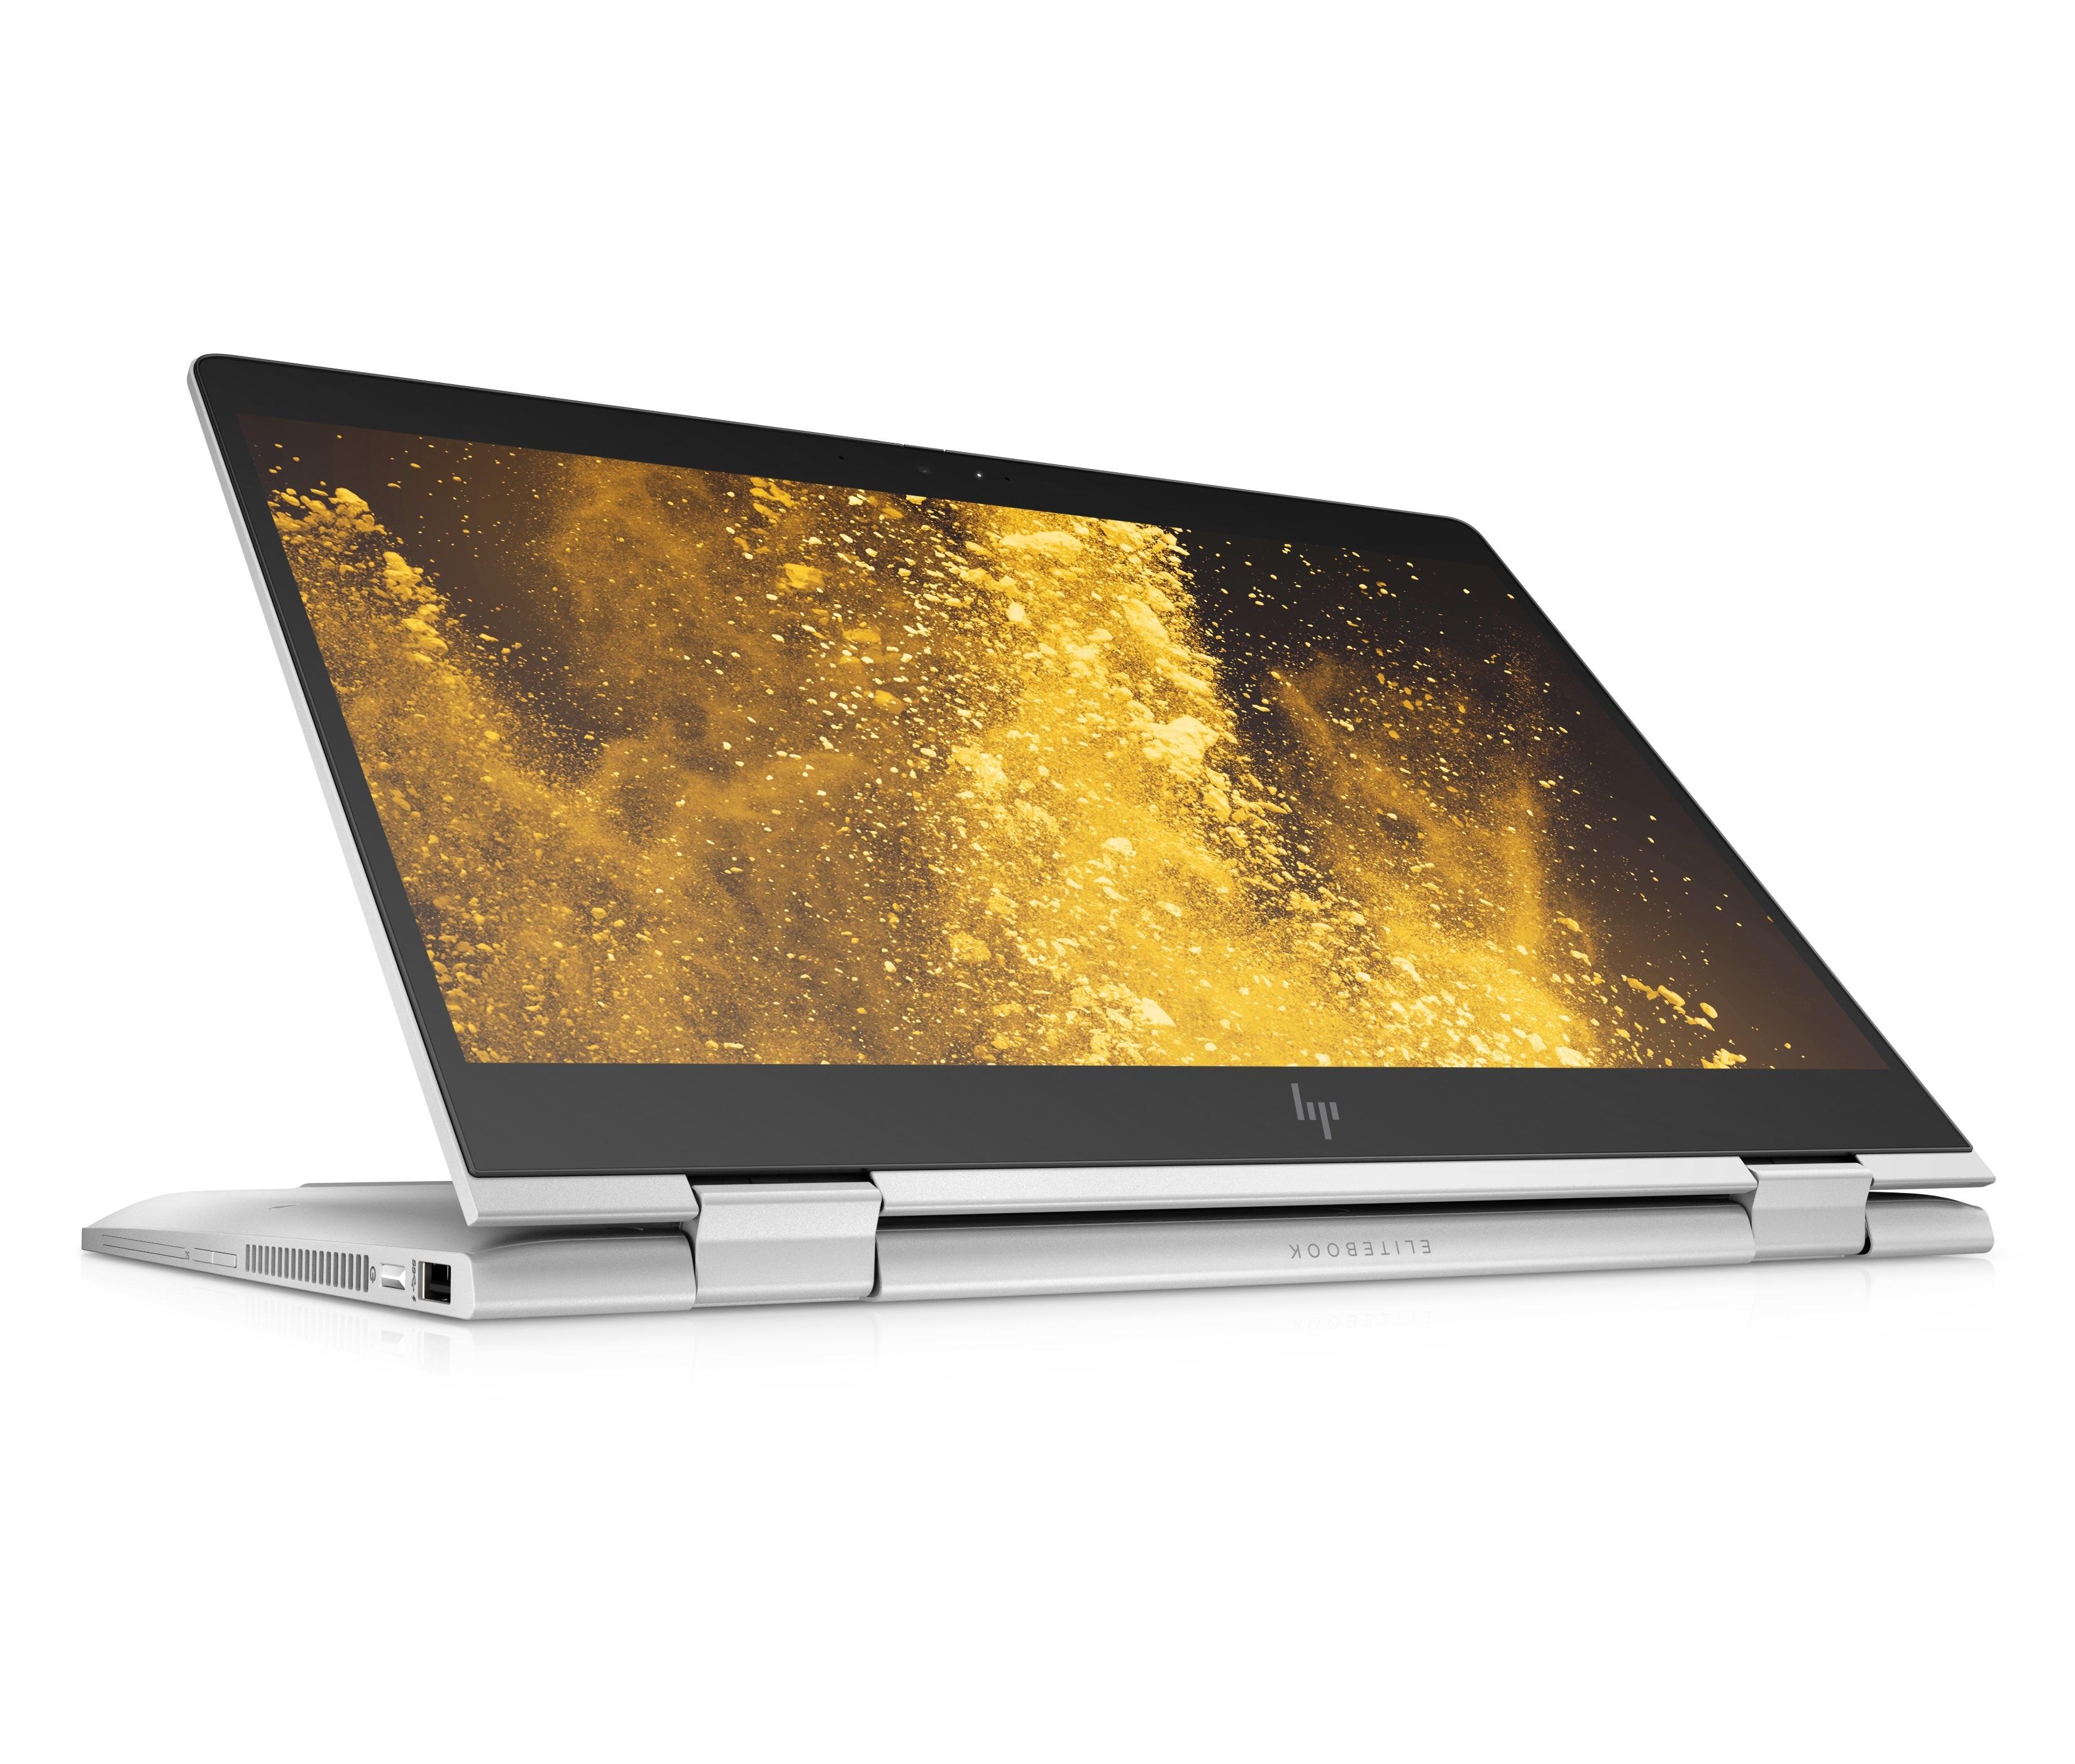 HP-EliteBook-x360-830-G6-Stand